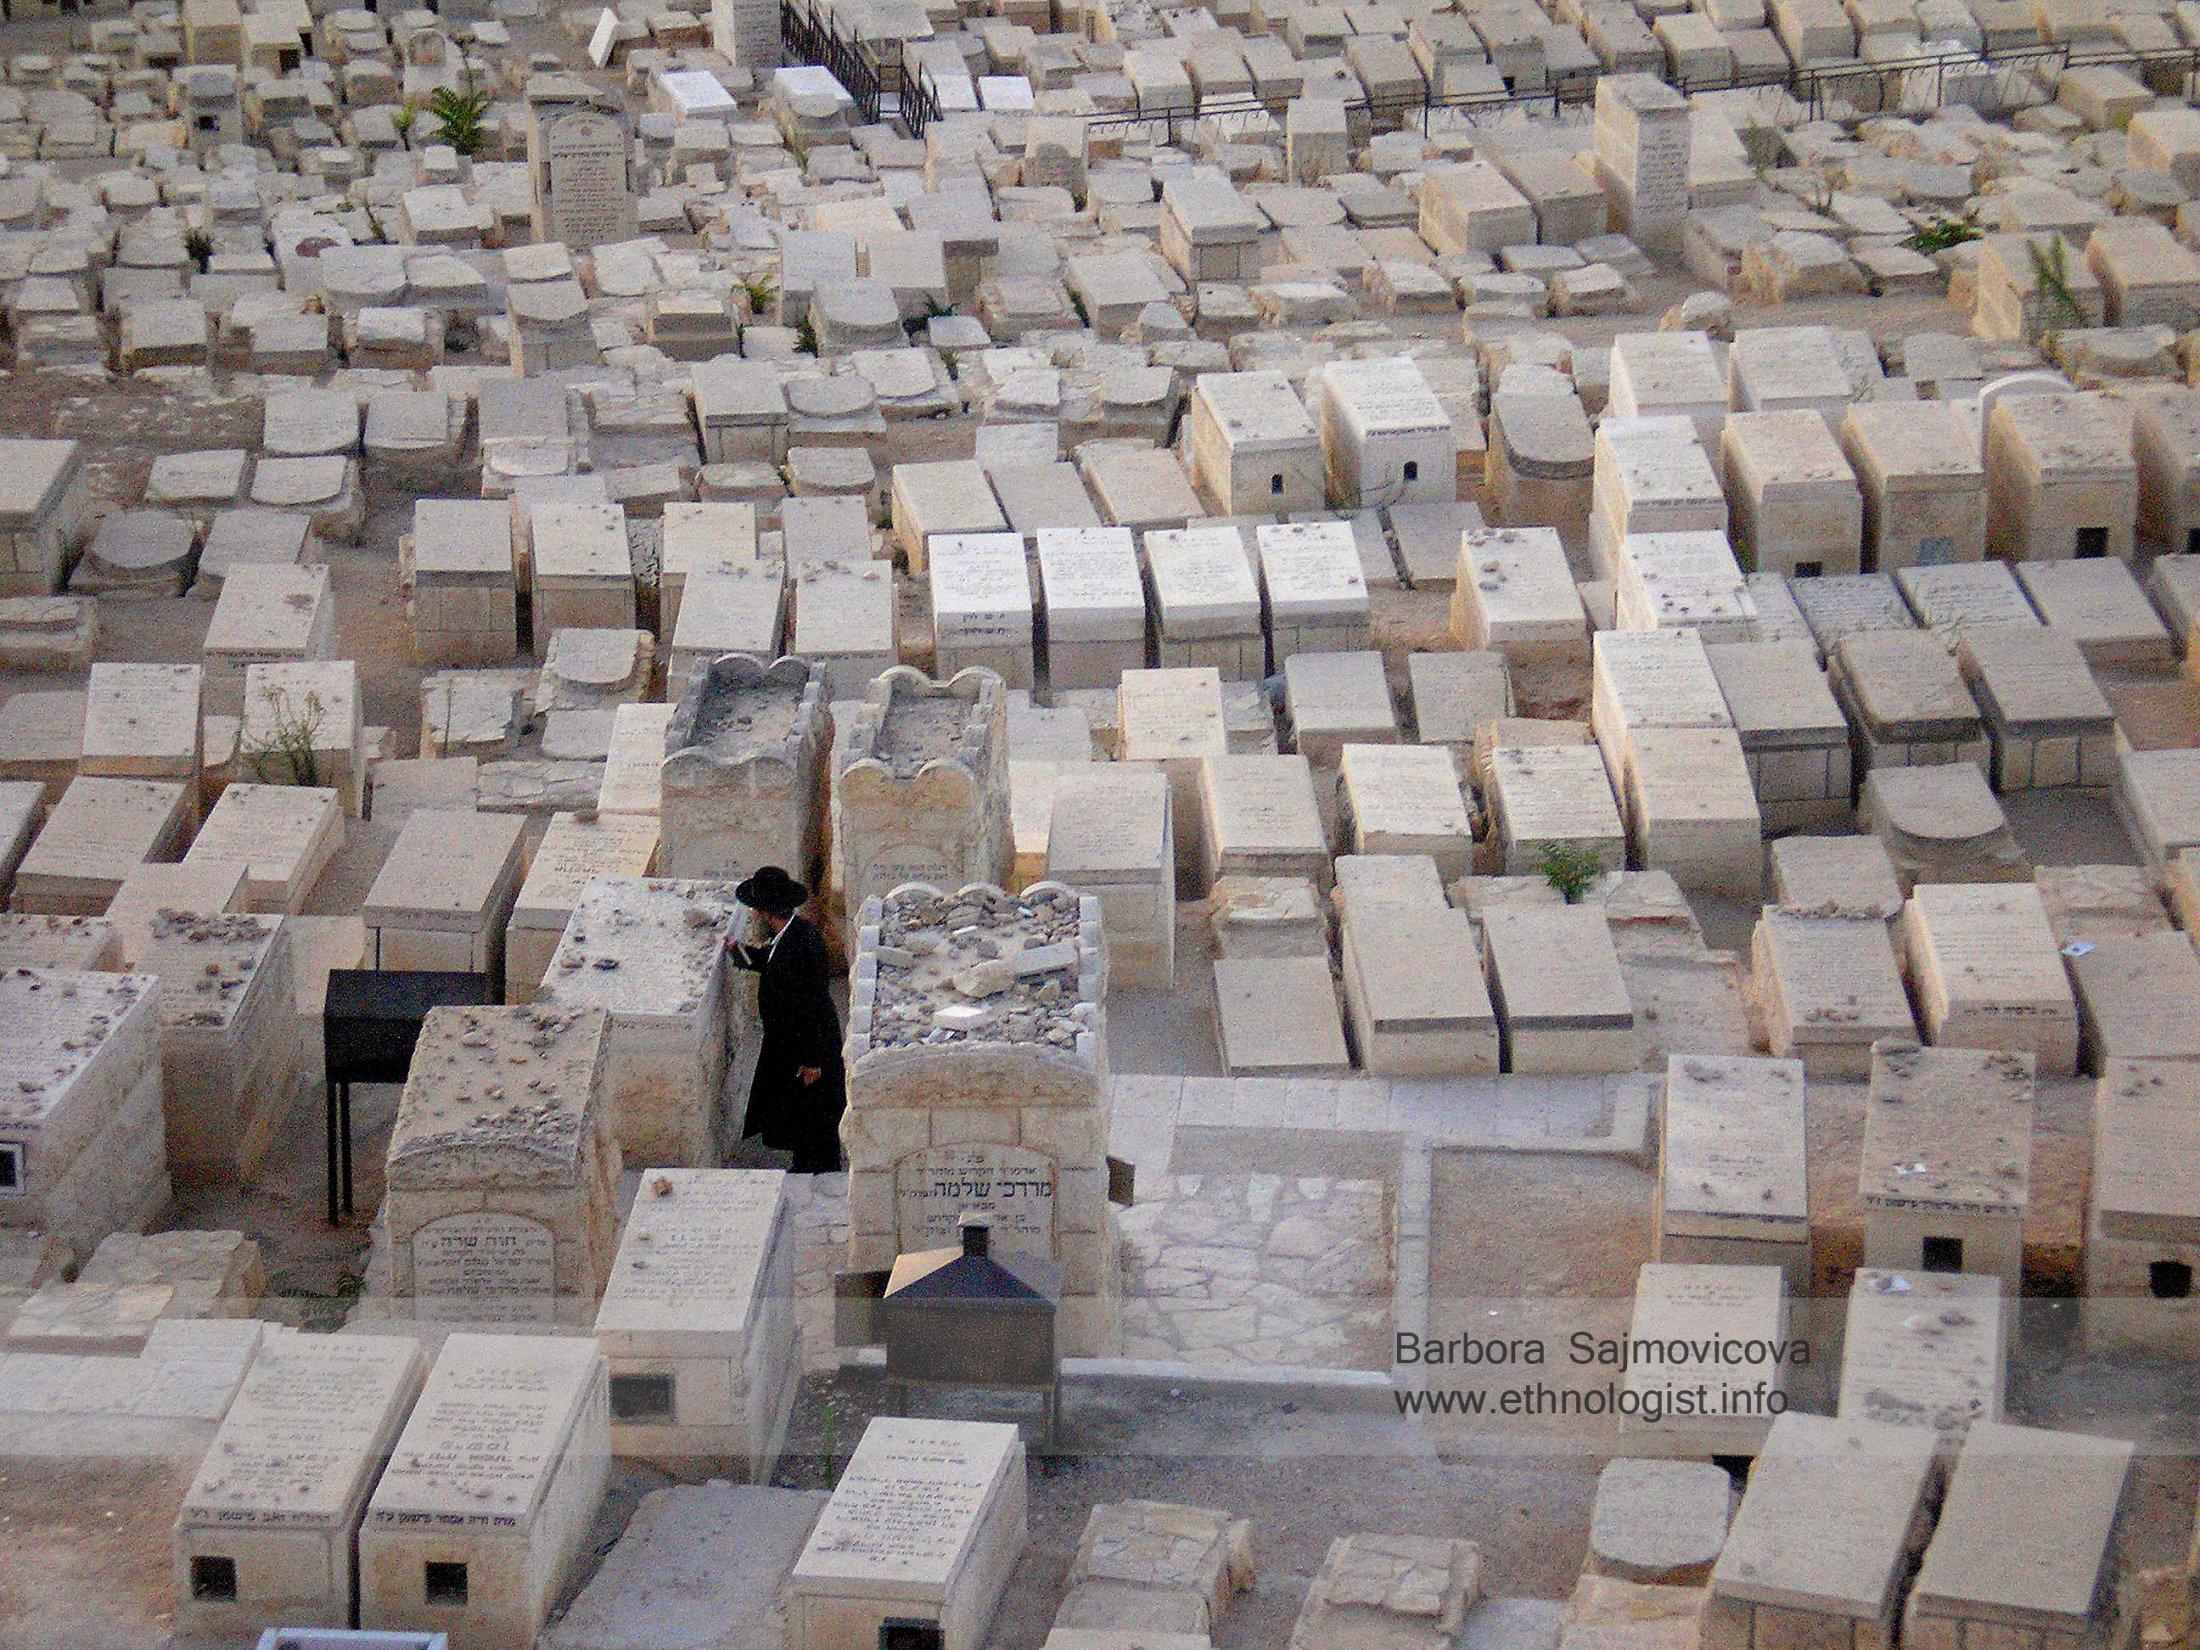 The Jewish praying in Jerusalem